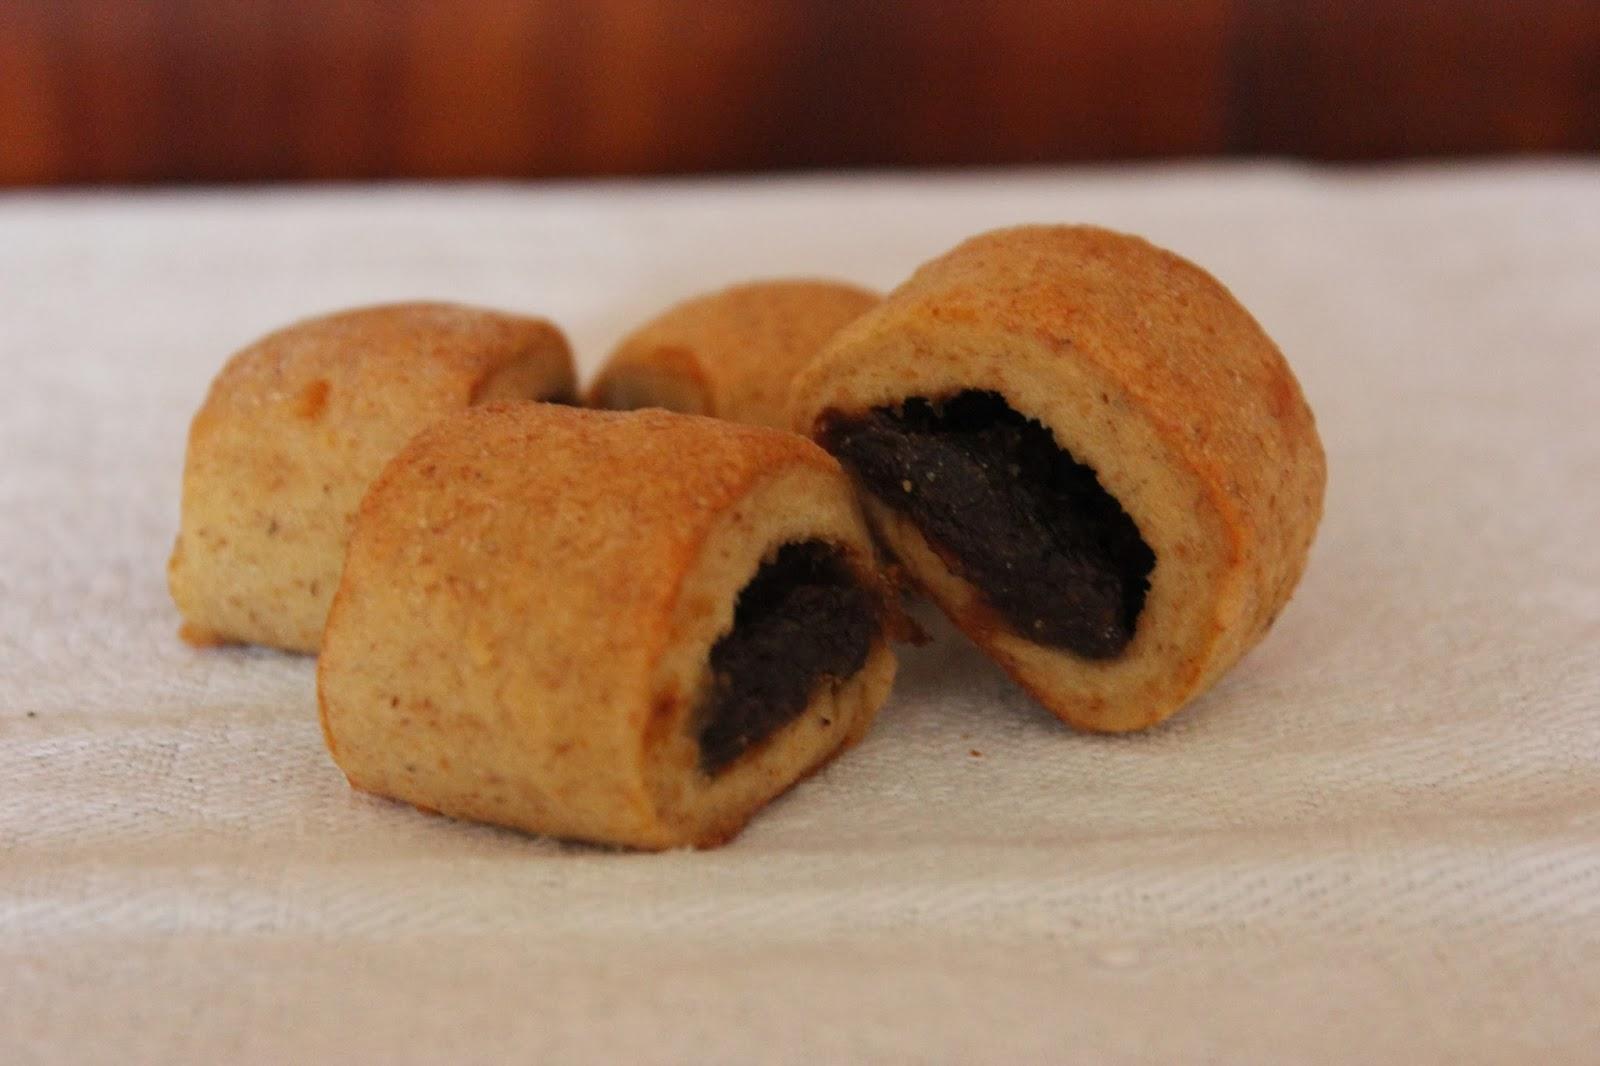 https://cuillereetsaladier.blogspot.com/2014/02/biscuits-fourres-abricots-secs-safran.html